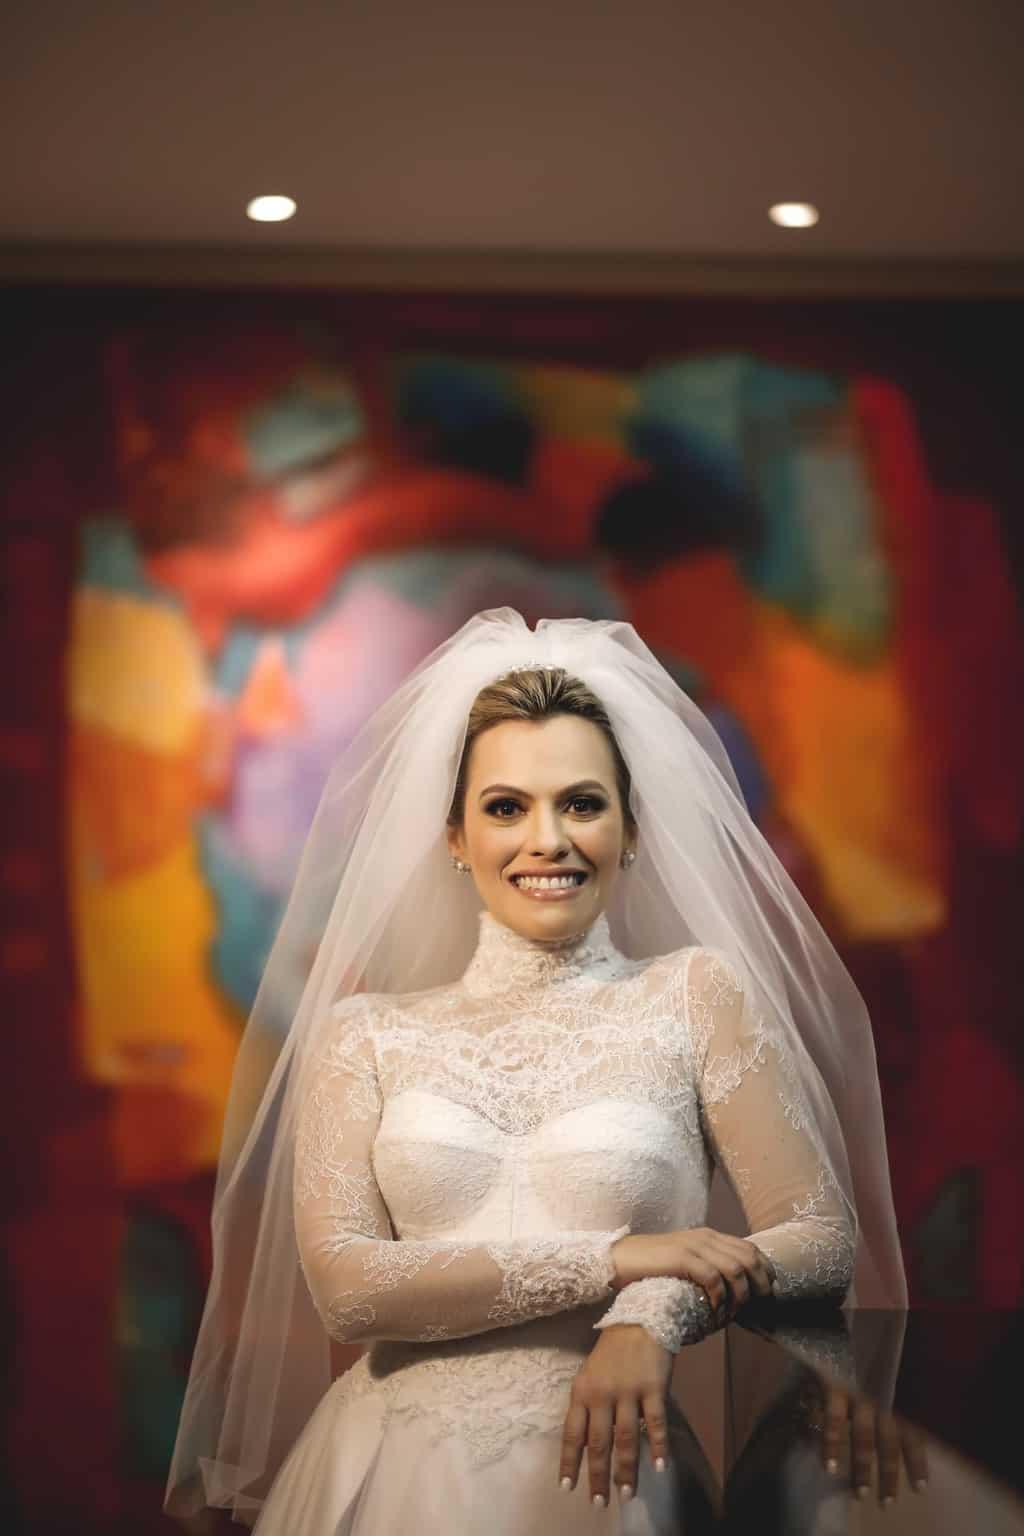 beleza-da-noiva-casamento-Juliana-e-Eduardo-Fotografia-Ricardo-Nascimento-e-Thereza-magno-making-of-Usina-dois-irmãos11